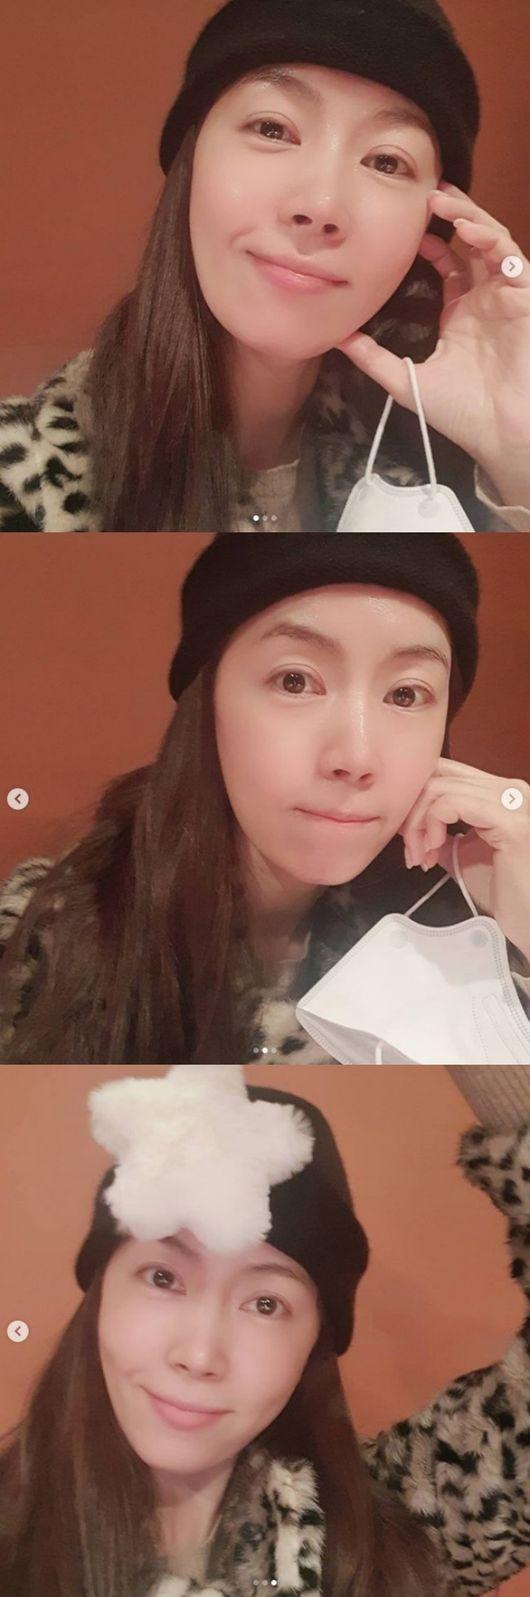 정우♥ 김유미, 화장 안 해도 미모가 이 정도..42세 엄마의 위엄[★SHOT!]